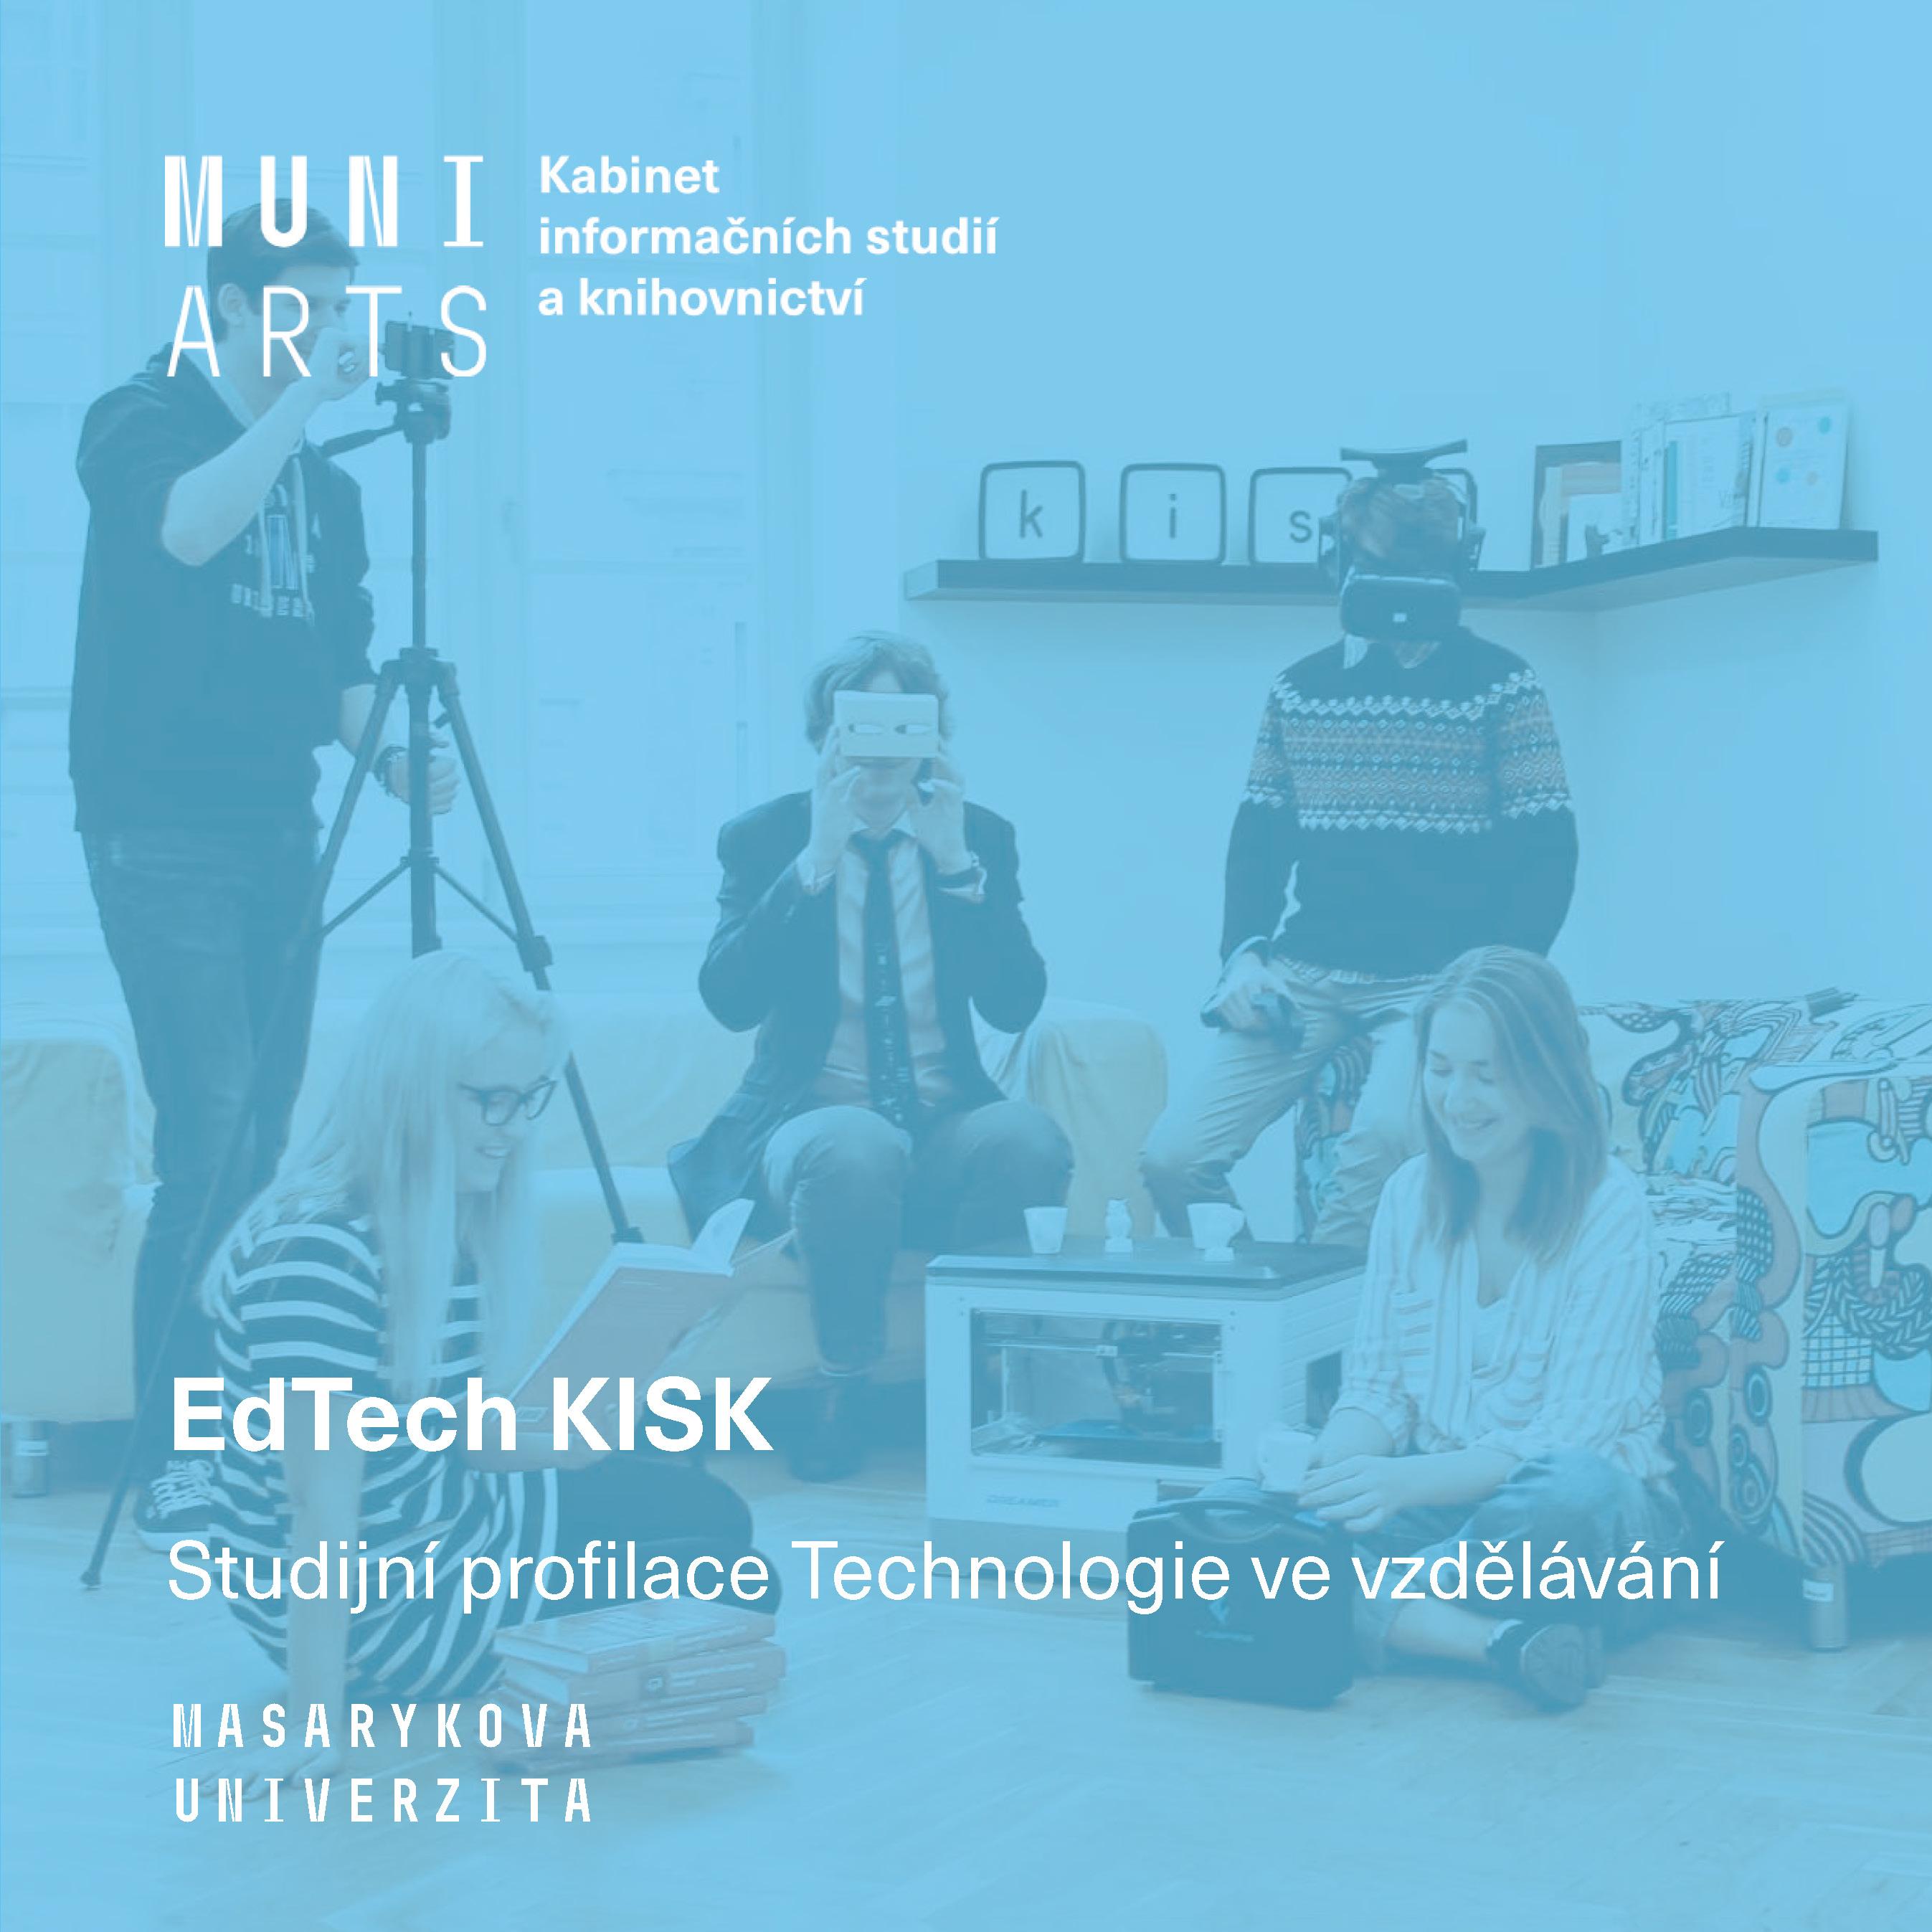 Obálka pro EdTech KISK: Studijní profilace Technologie ve vzdělávání